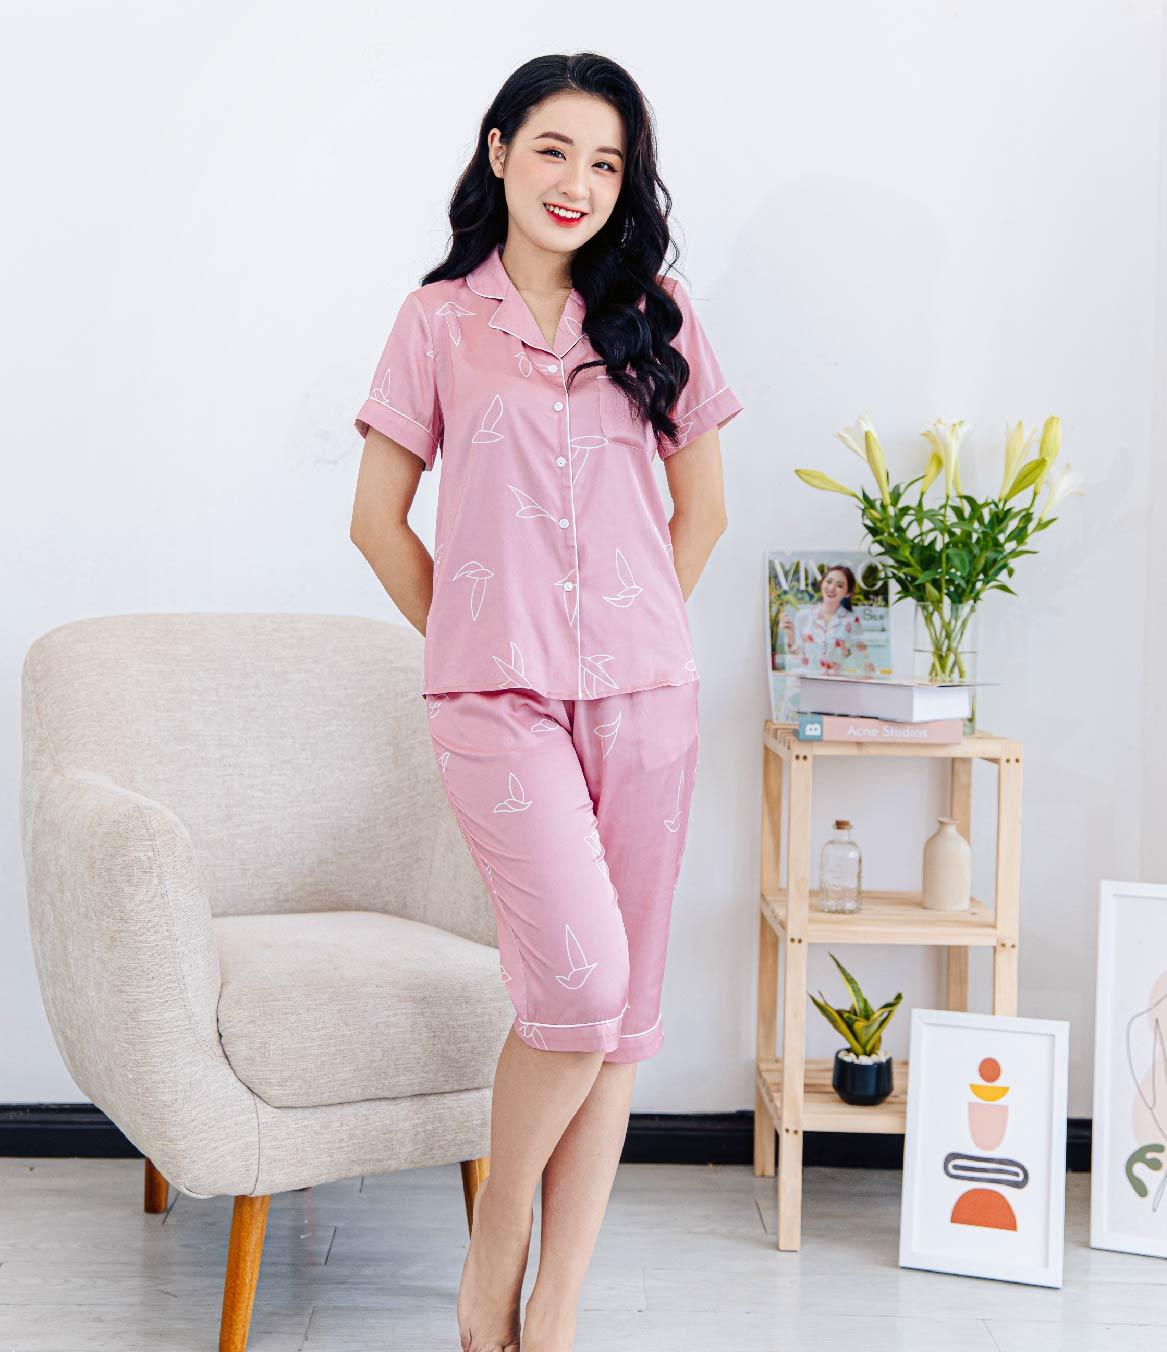 Bộ pijama lụa cao cấp hồng phấn H344 Vingo